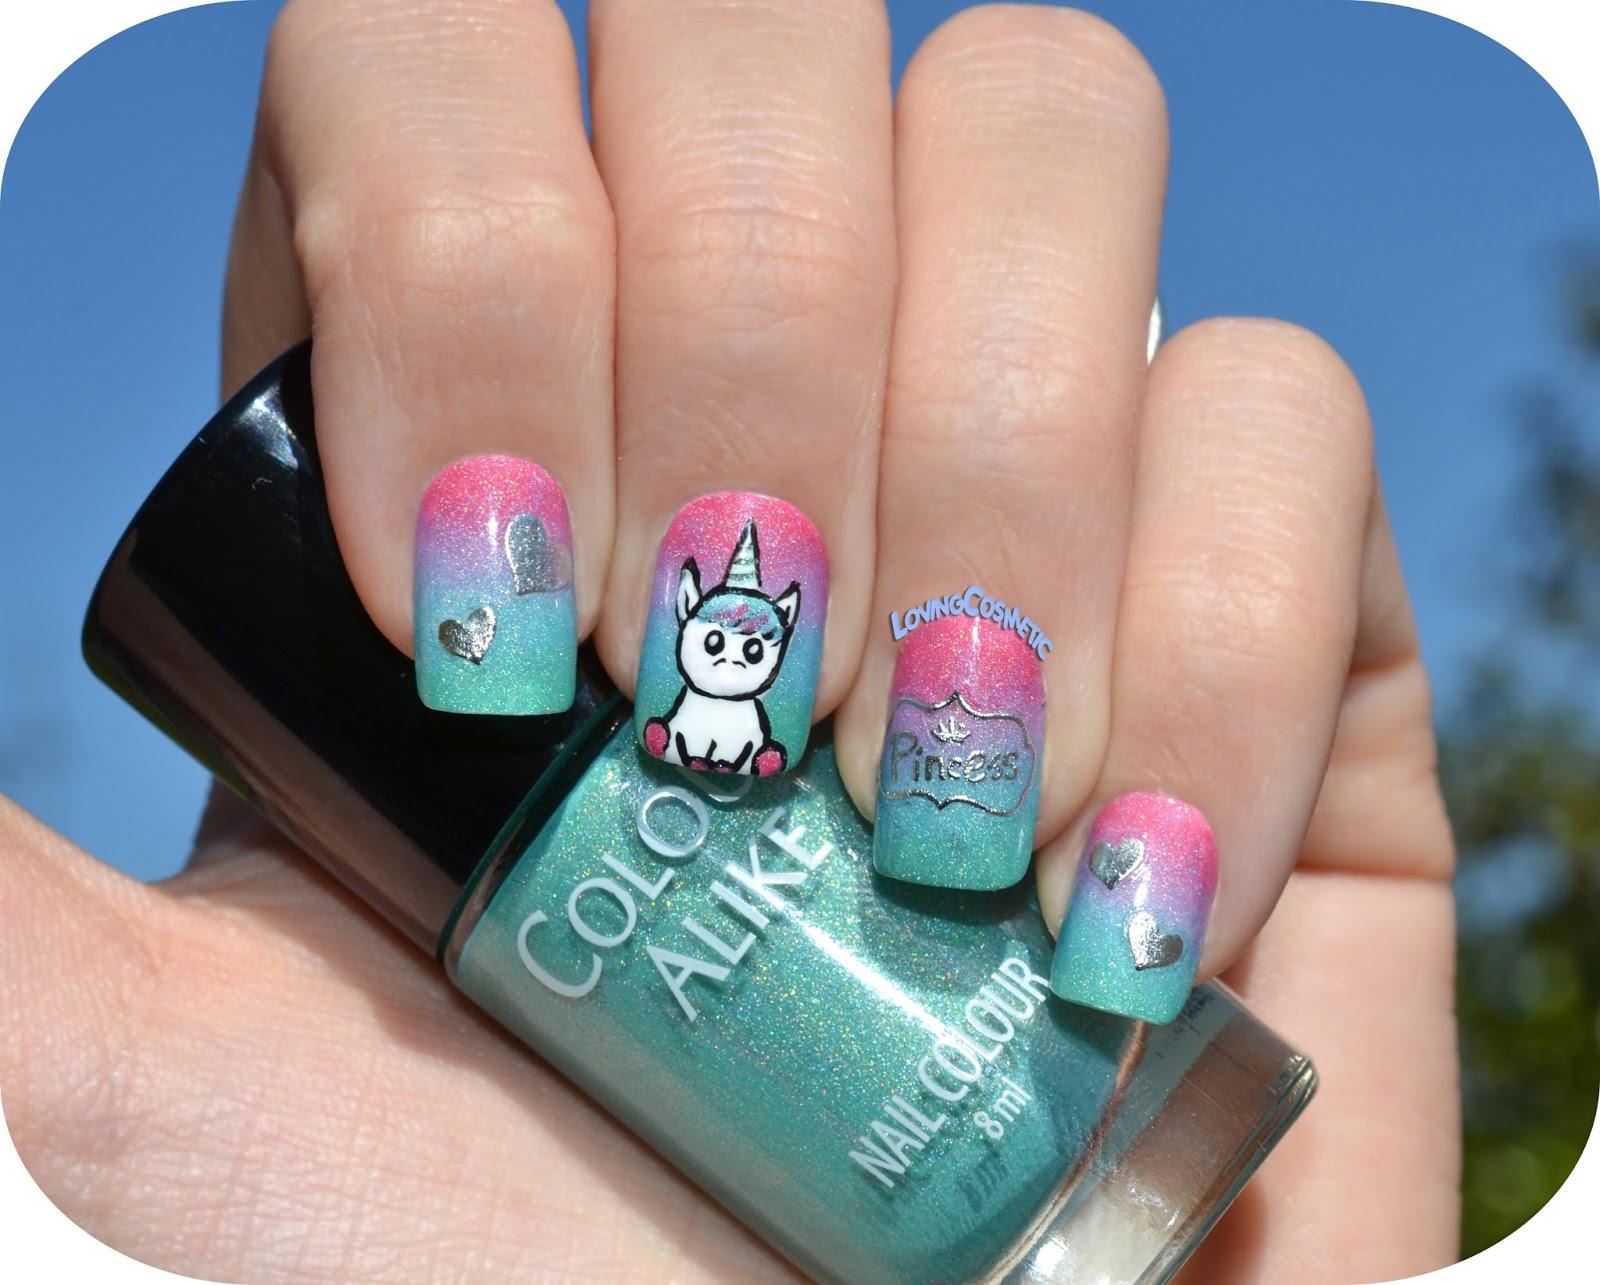 Nail Art Princess Unicorn Bornprettystore Lovingcosmetic